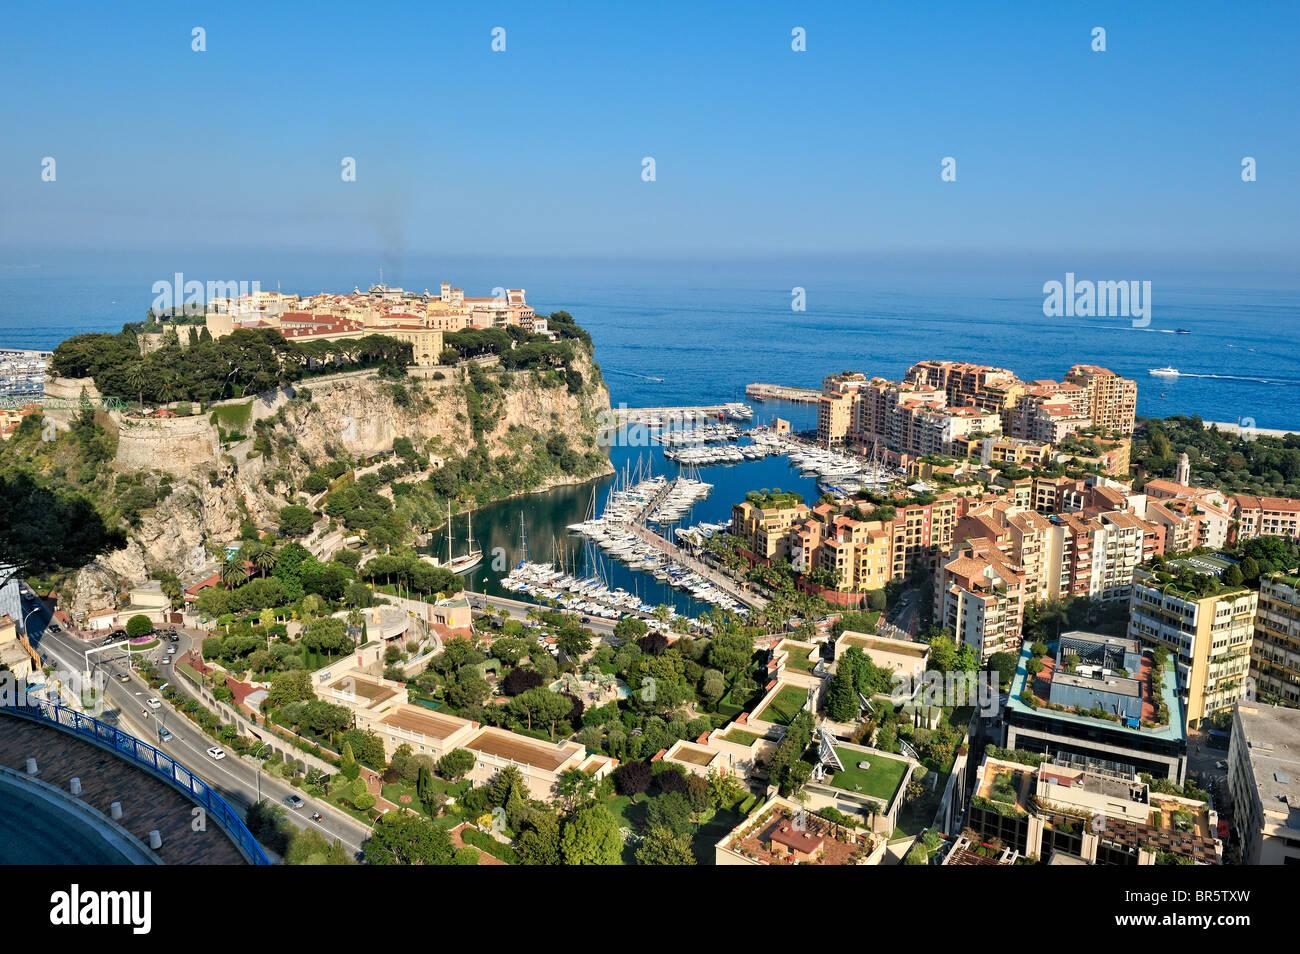 Porto di Fontvieille, Monaco, Francia. Immagini Stock